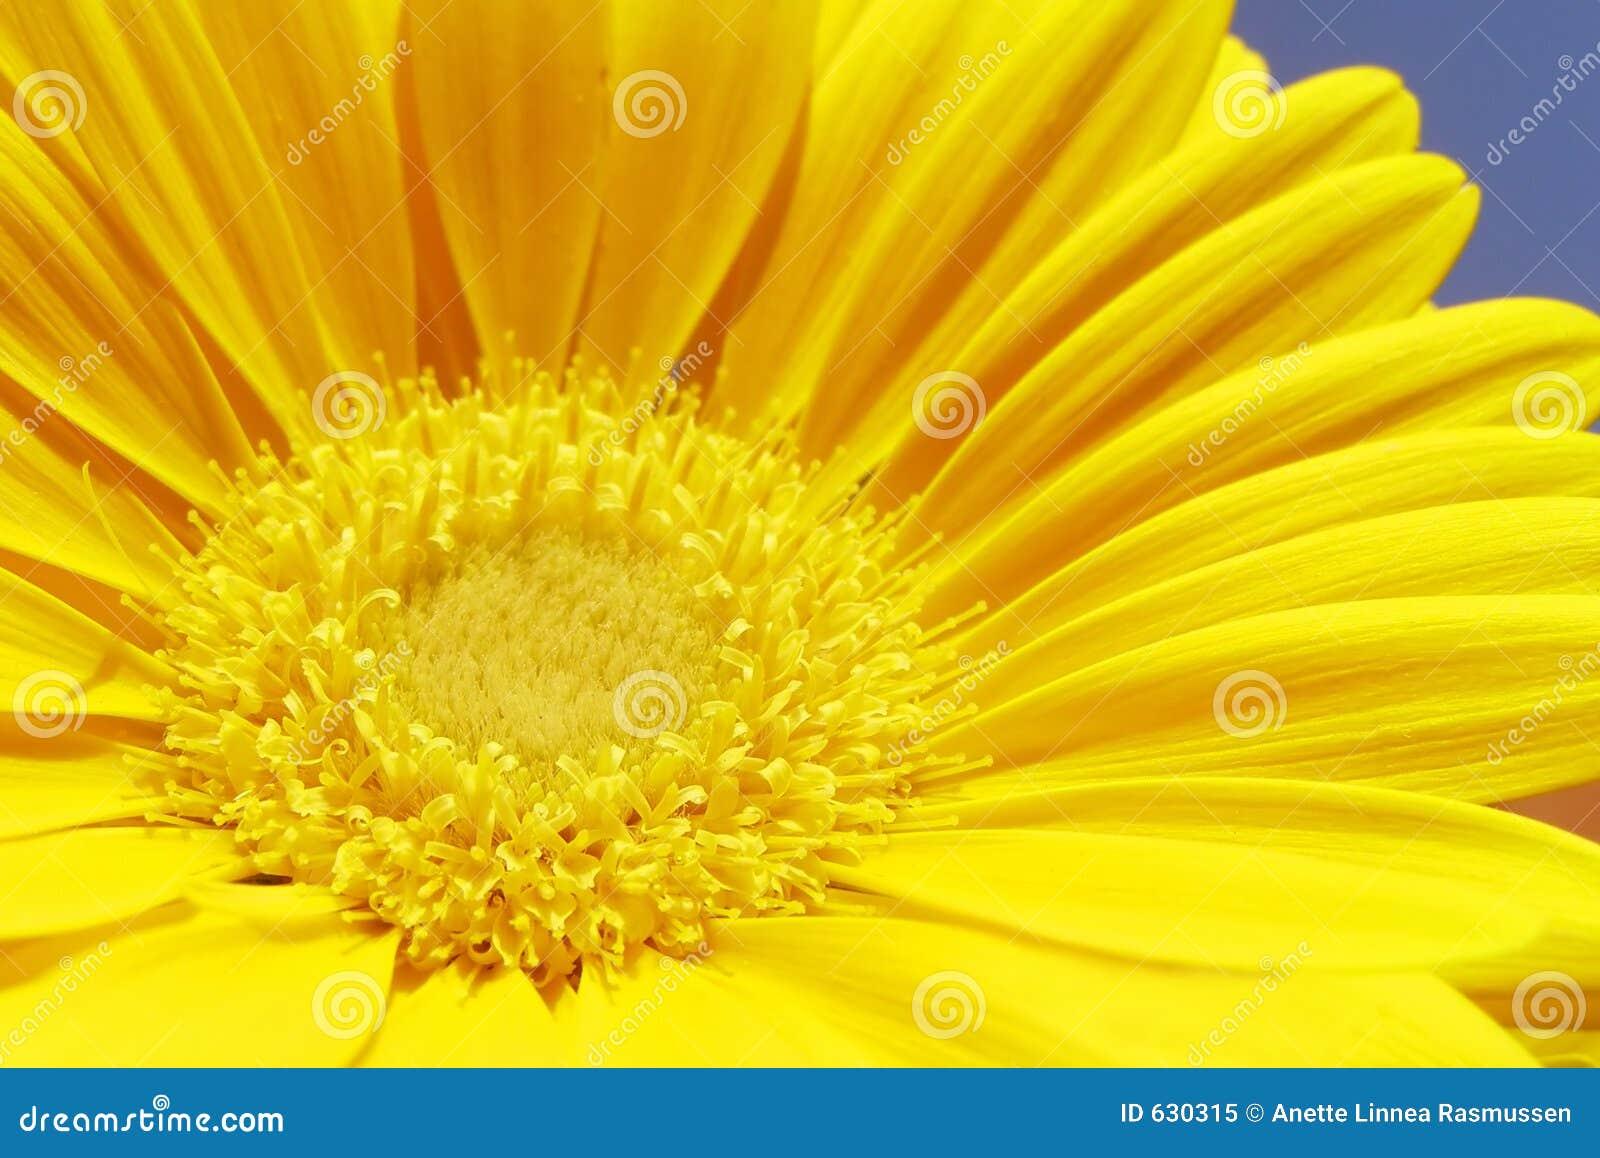 Download желтый цвет gerbera стоковое изображение. изображение насчитывающей флора - 630315